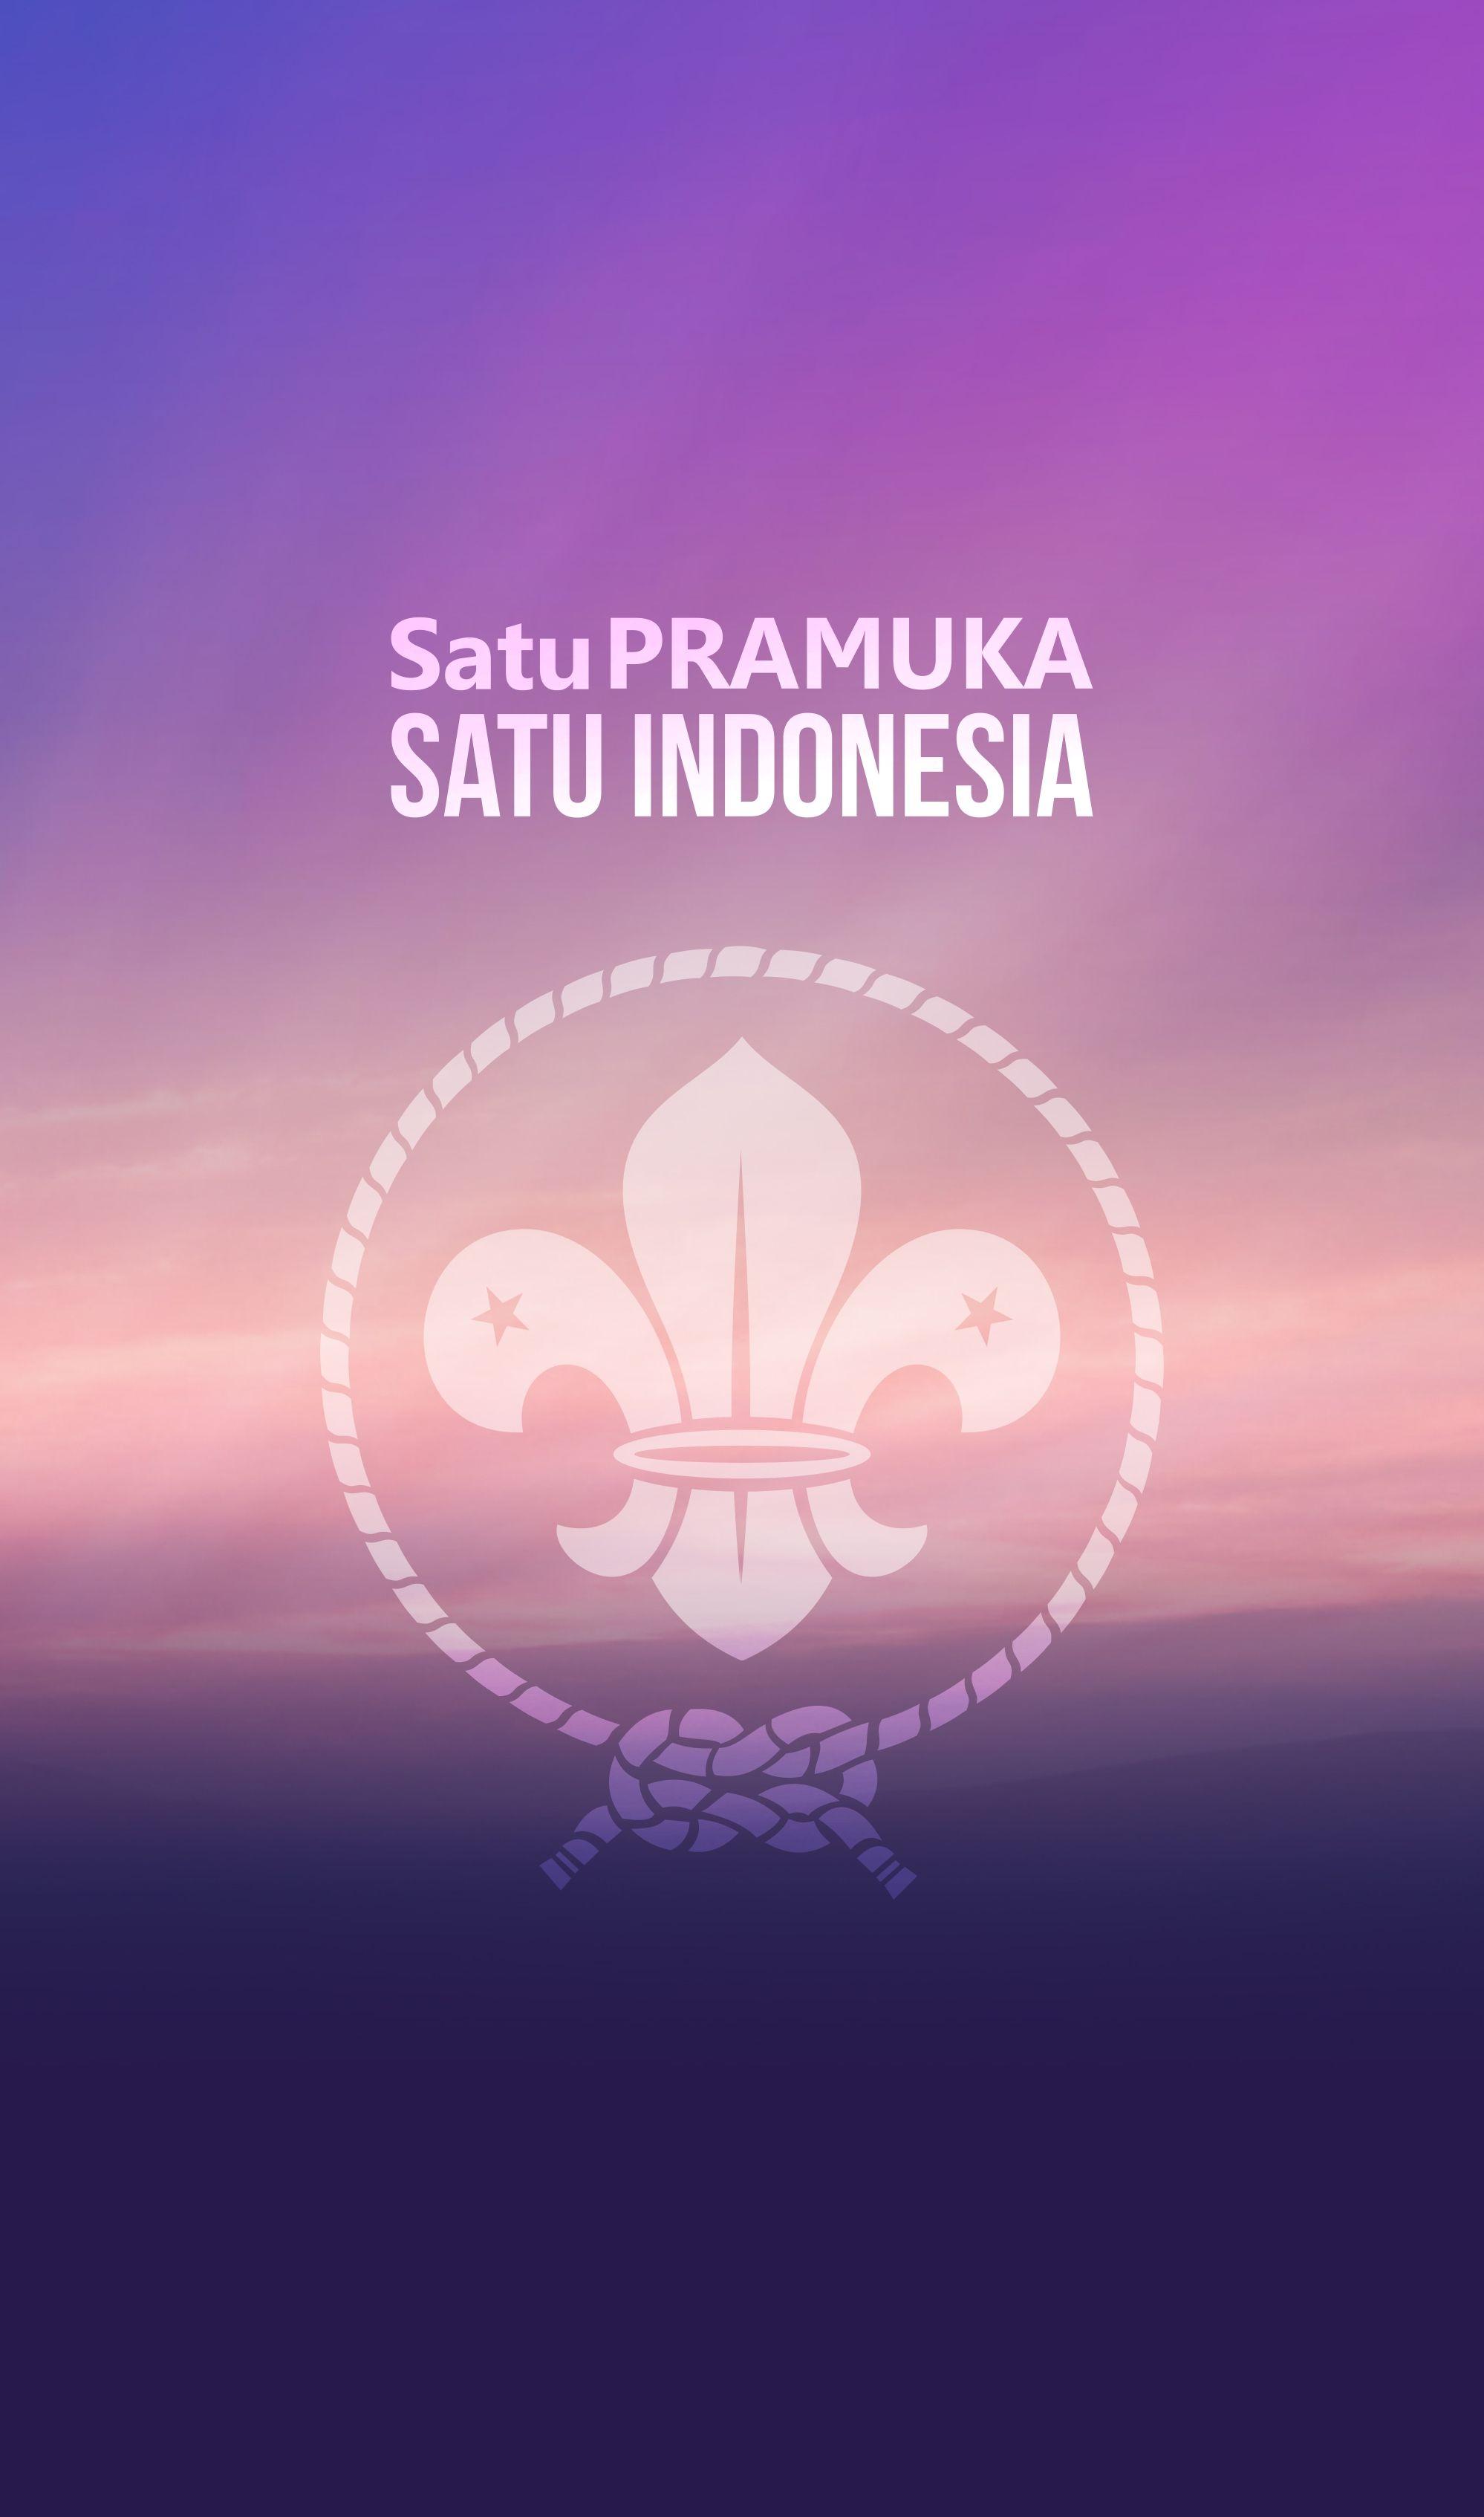 Logo Pramuka Keren 2018